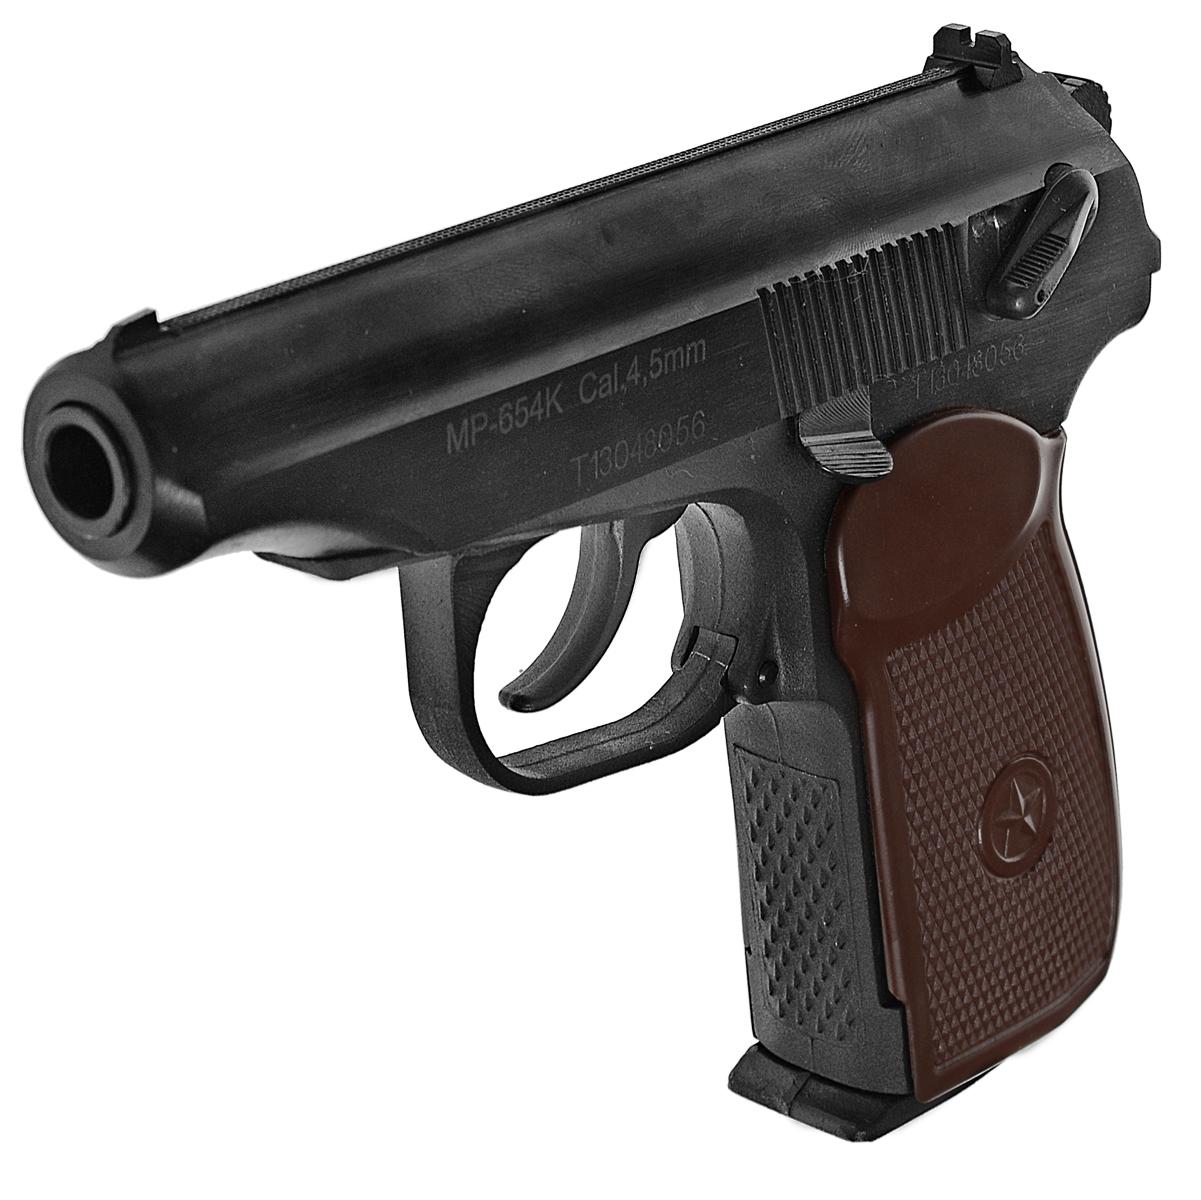 Байкал МР-654К-20 пистолет пневматический, NBB, CO2, 4,5 мм пистолет пневматический калашников мр 651кс 07